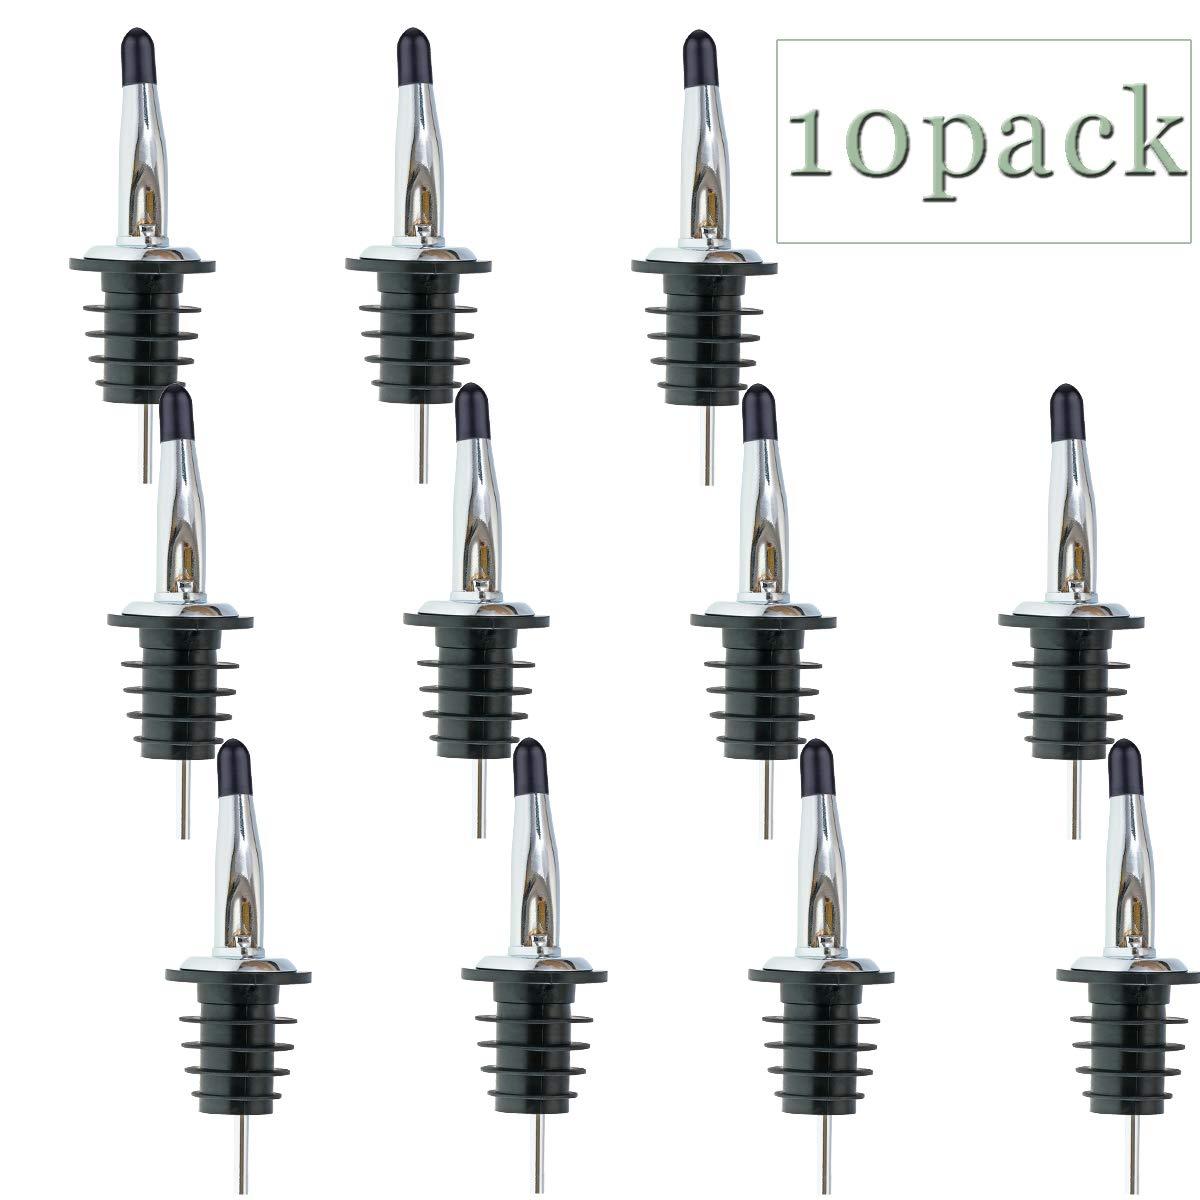 全ての (10) - LanMa Set Wine Pour B0757NZD12 Spouts Set - spout Stainless Steel bottle spout and Olive Oil Liquor Pourers Dust Caps Covers (10 PCS) 10 B0757NZD12, シーザーワイン カンパニー:e884cbe1 --- a0267596.xsph.ru